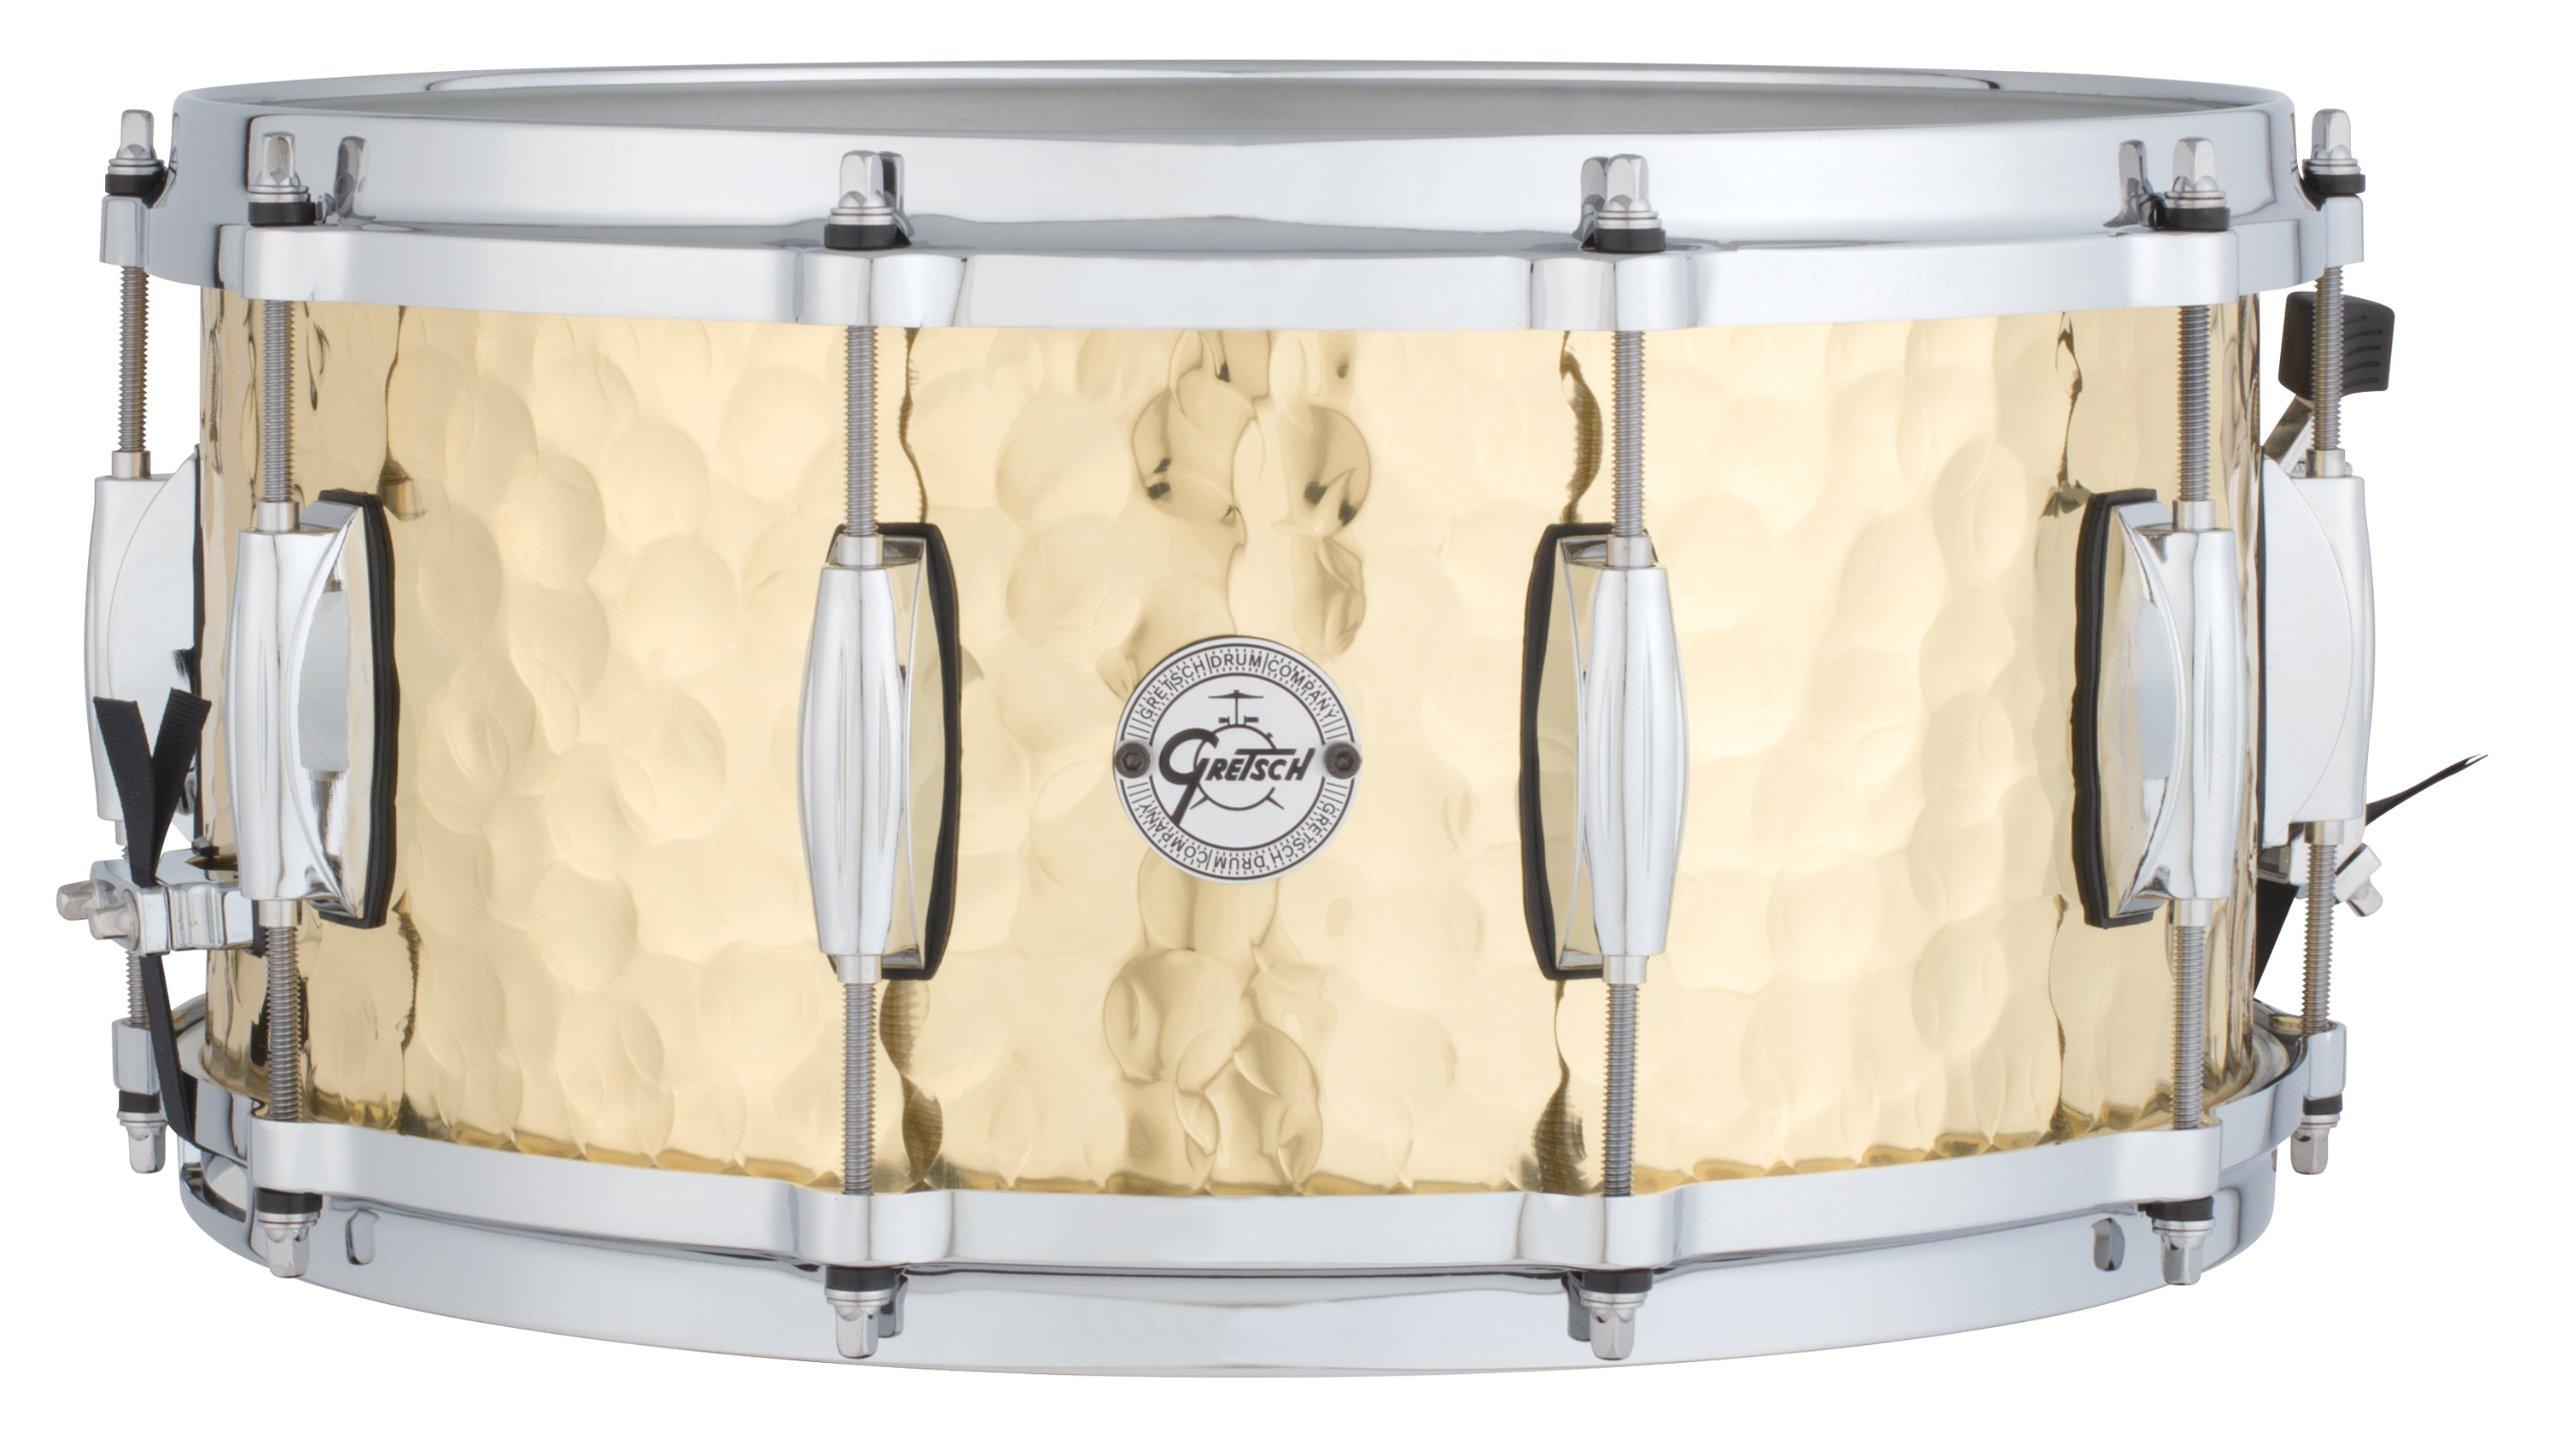 Gretsch Drums Full Range Series S1-6514-BRH 6.5x14'' Hammered Brass Snare Drum by Gretsch Drums